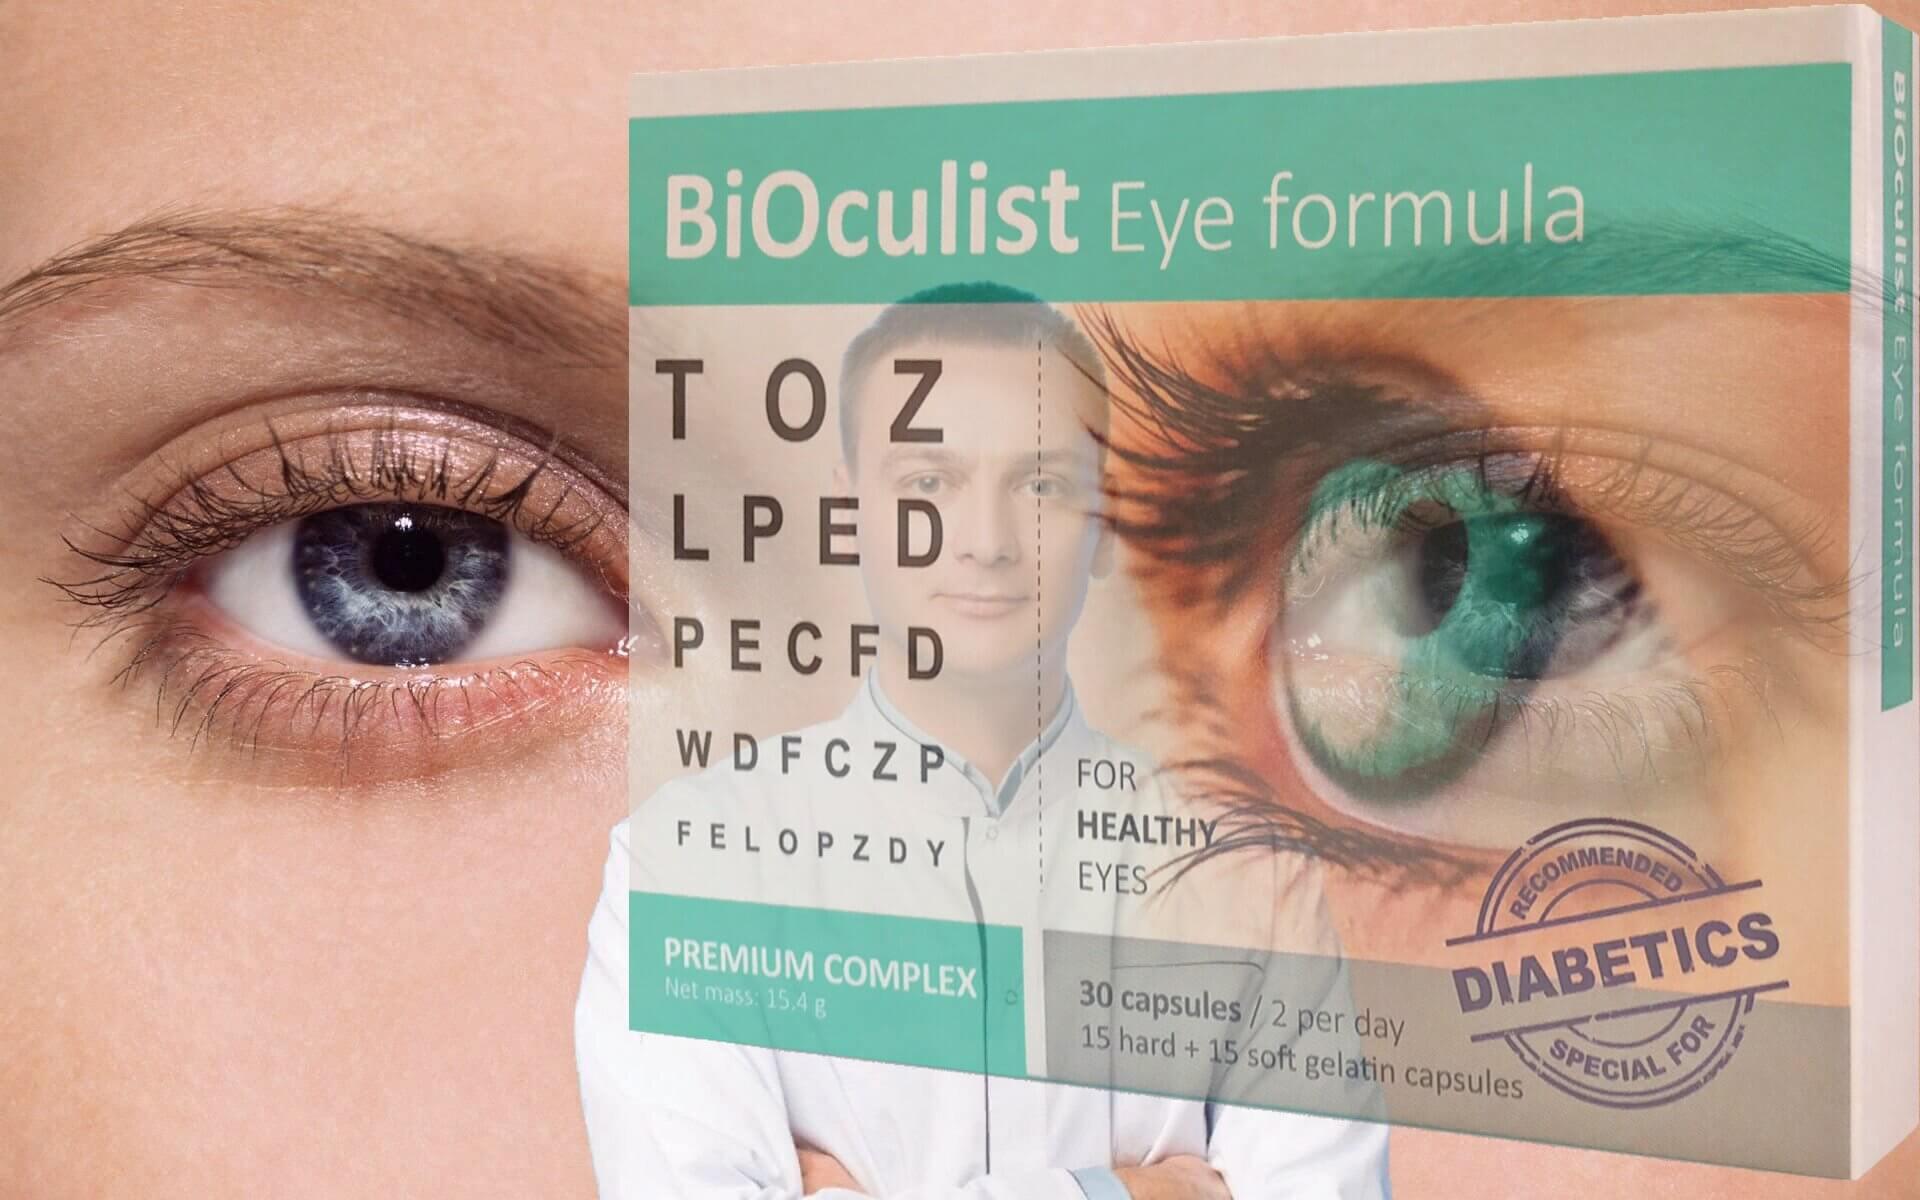 hogyan lehet javítani a látást 25 évesen